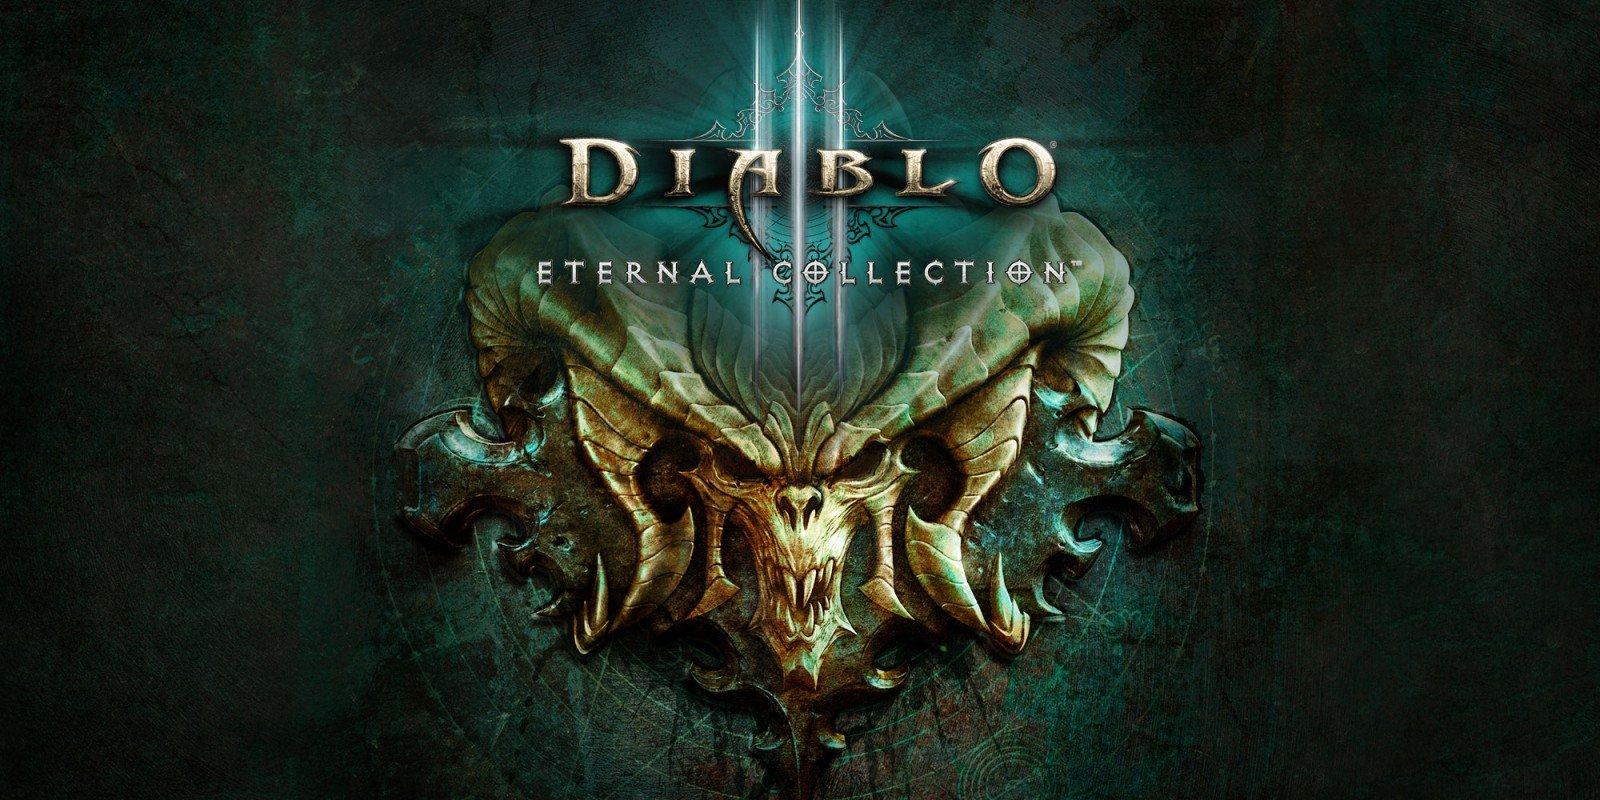 """ESSAI """"Diablo III"""": """"La collection éternelle"""", """"le portage"""" La transition d'un bon compte"""